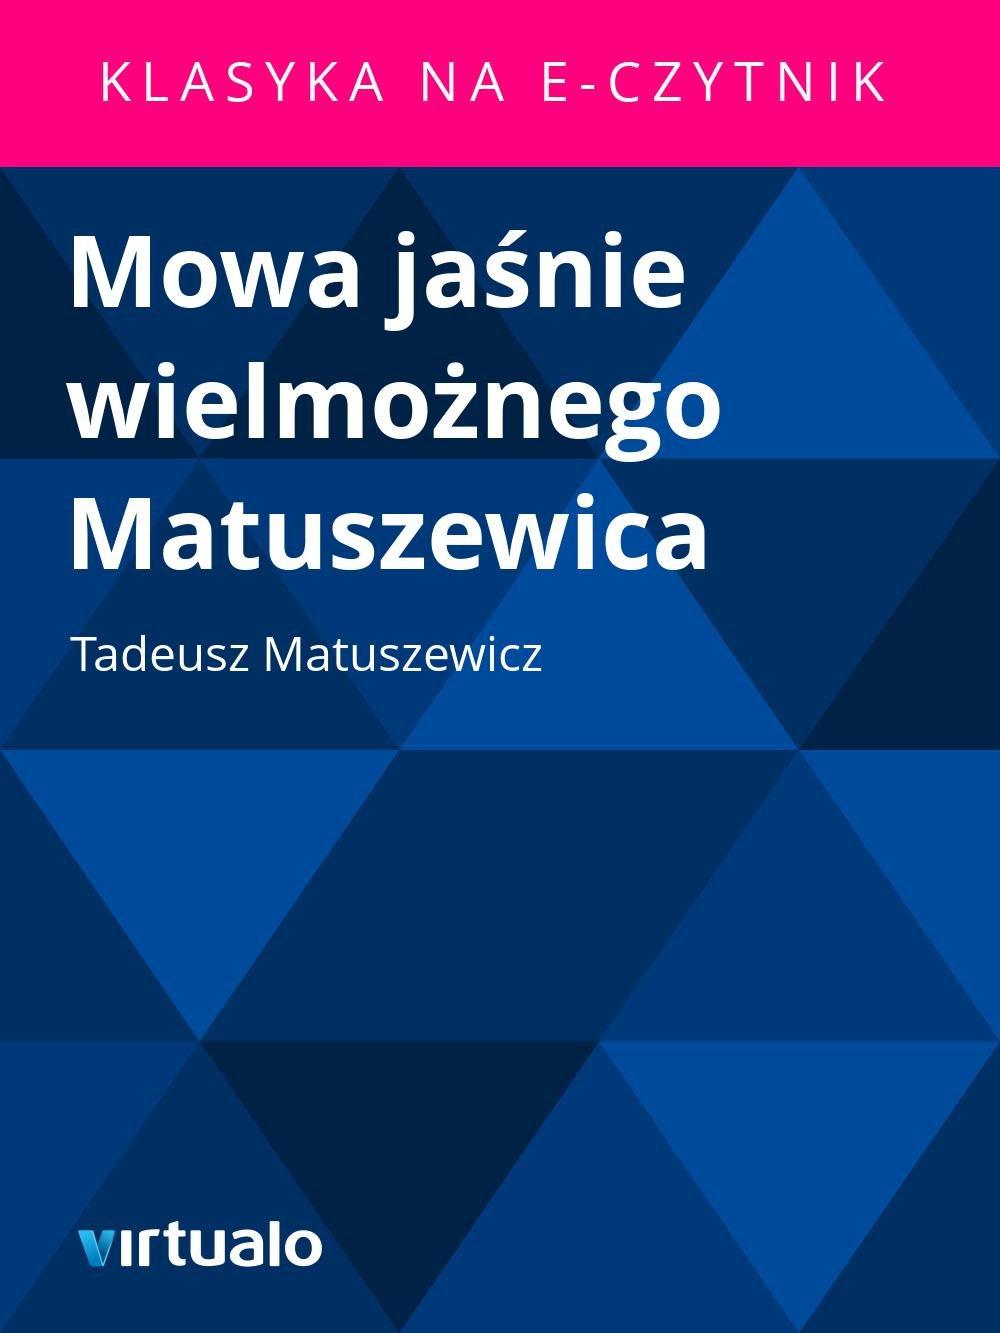 Mowa jaśnie wielmożnego Matuszewica - Ebook (Książka EPUB) do pobrania w formacie EPUB